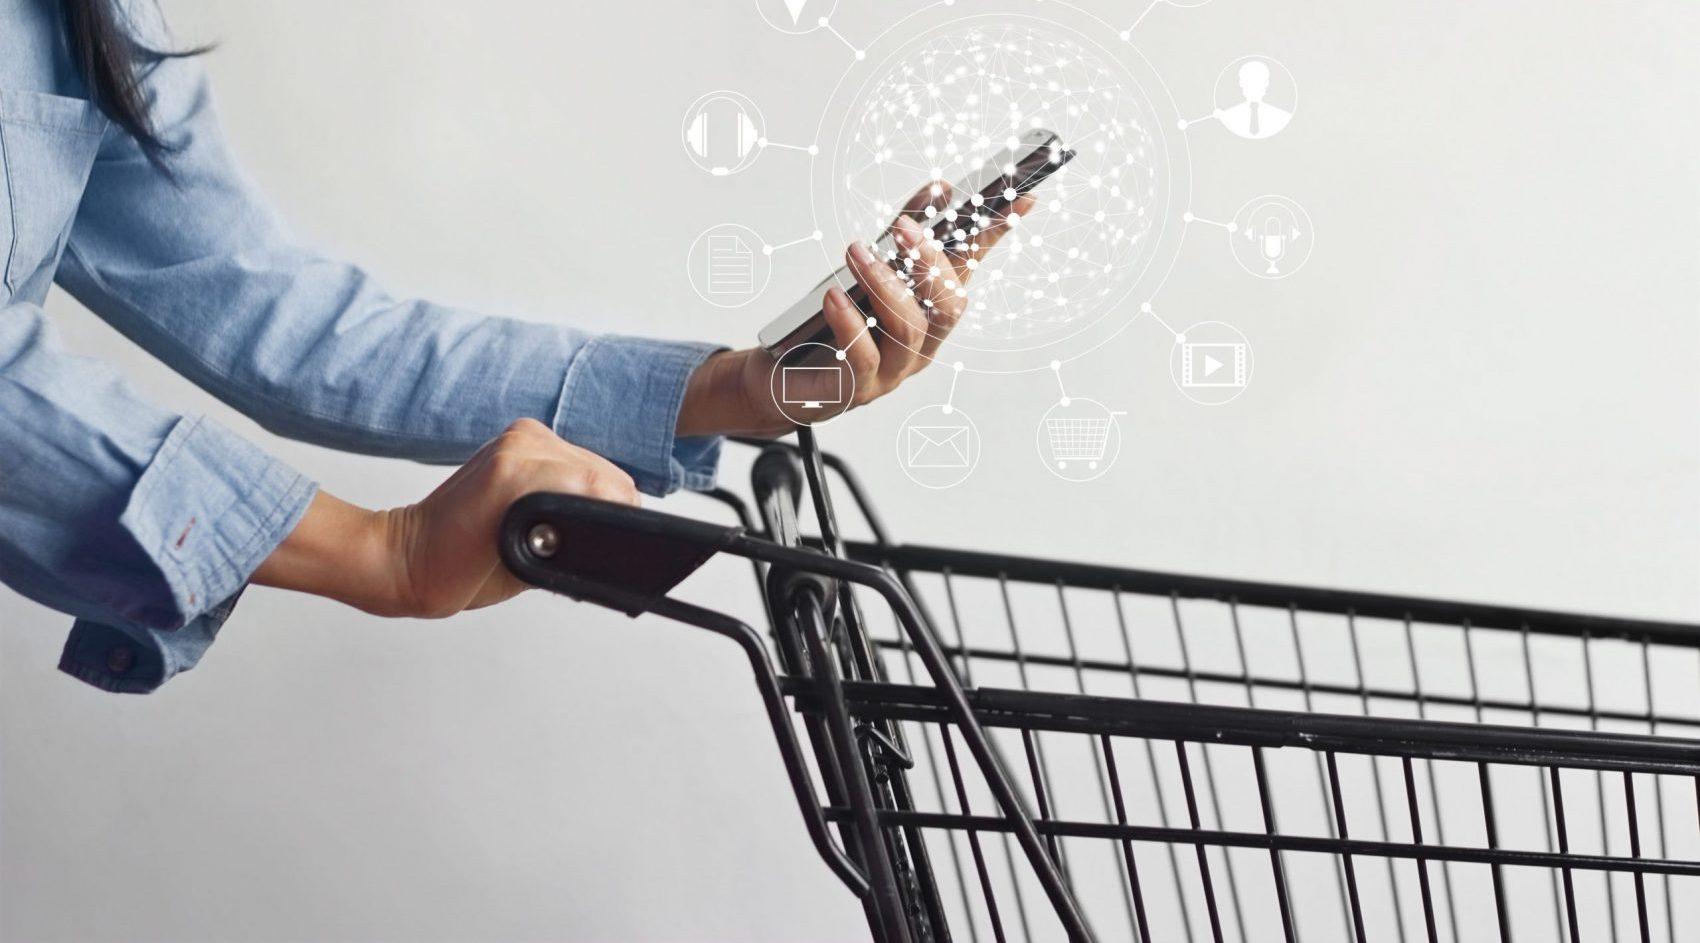 El siguiente reto del marketing es la personalización omnichannel